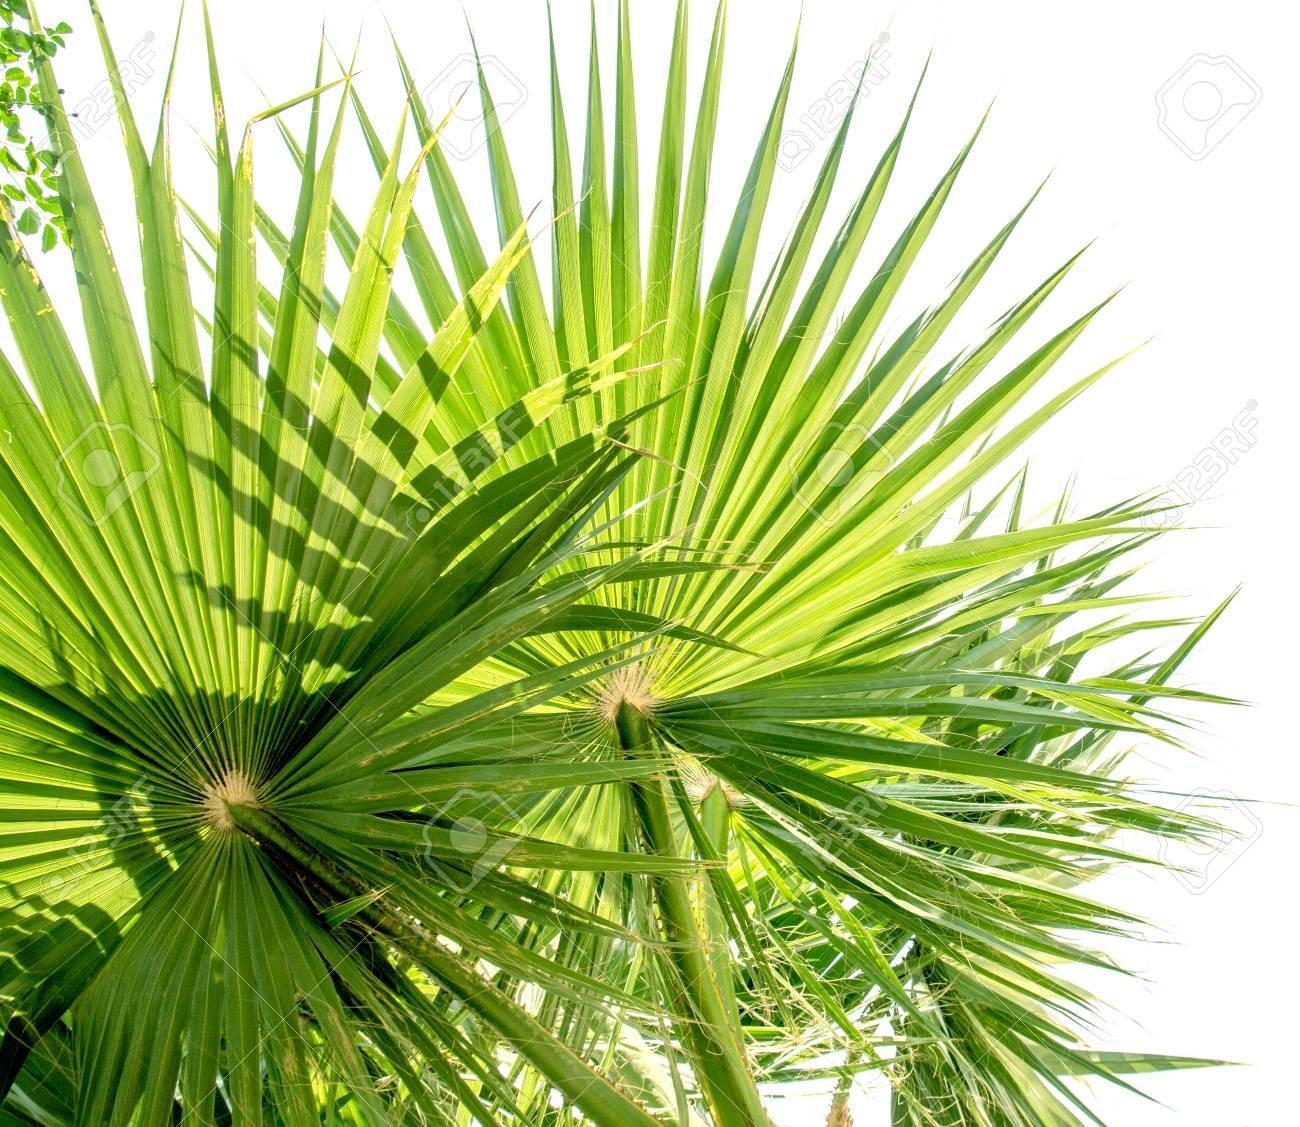 Schonen Palmen Blatter Des Baumes Im Sonnenlicht Lizenzfreie Fotos